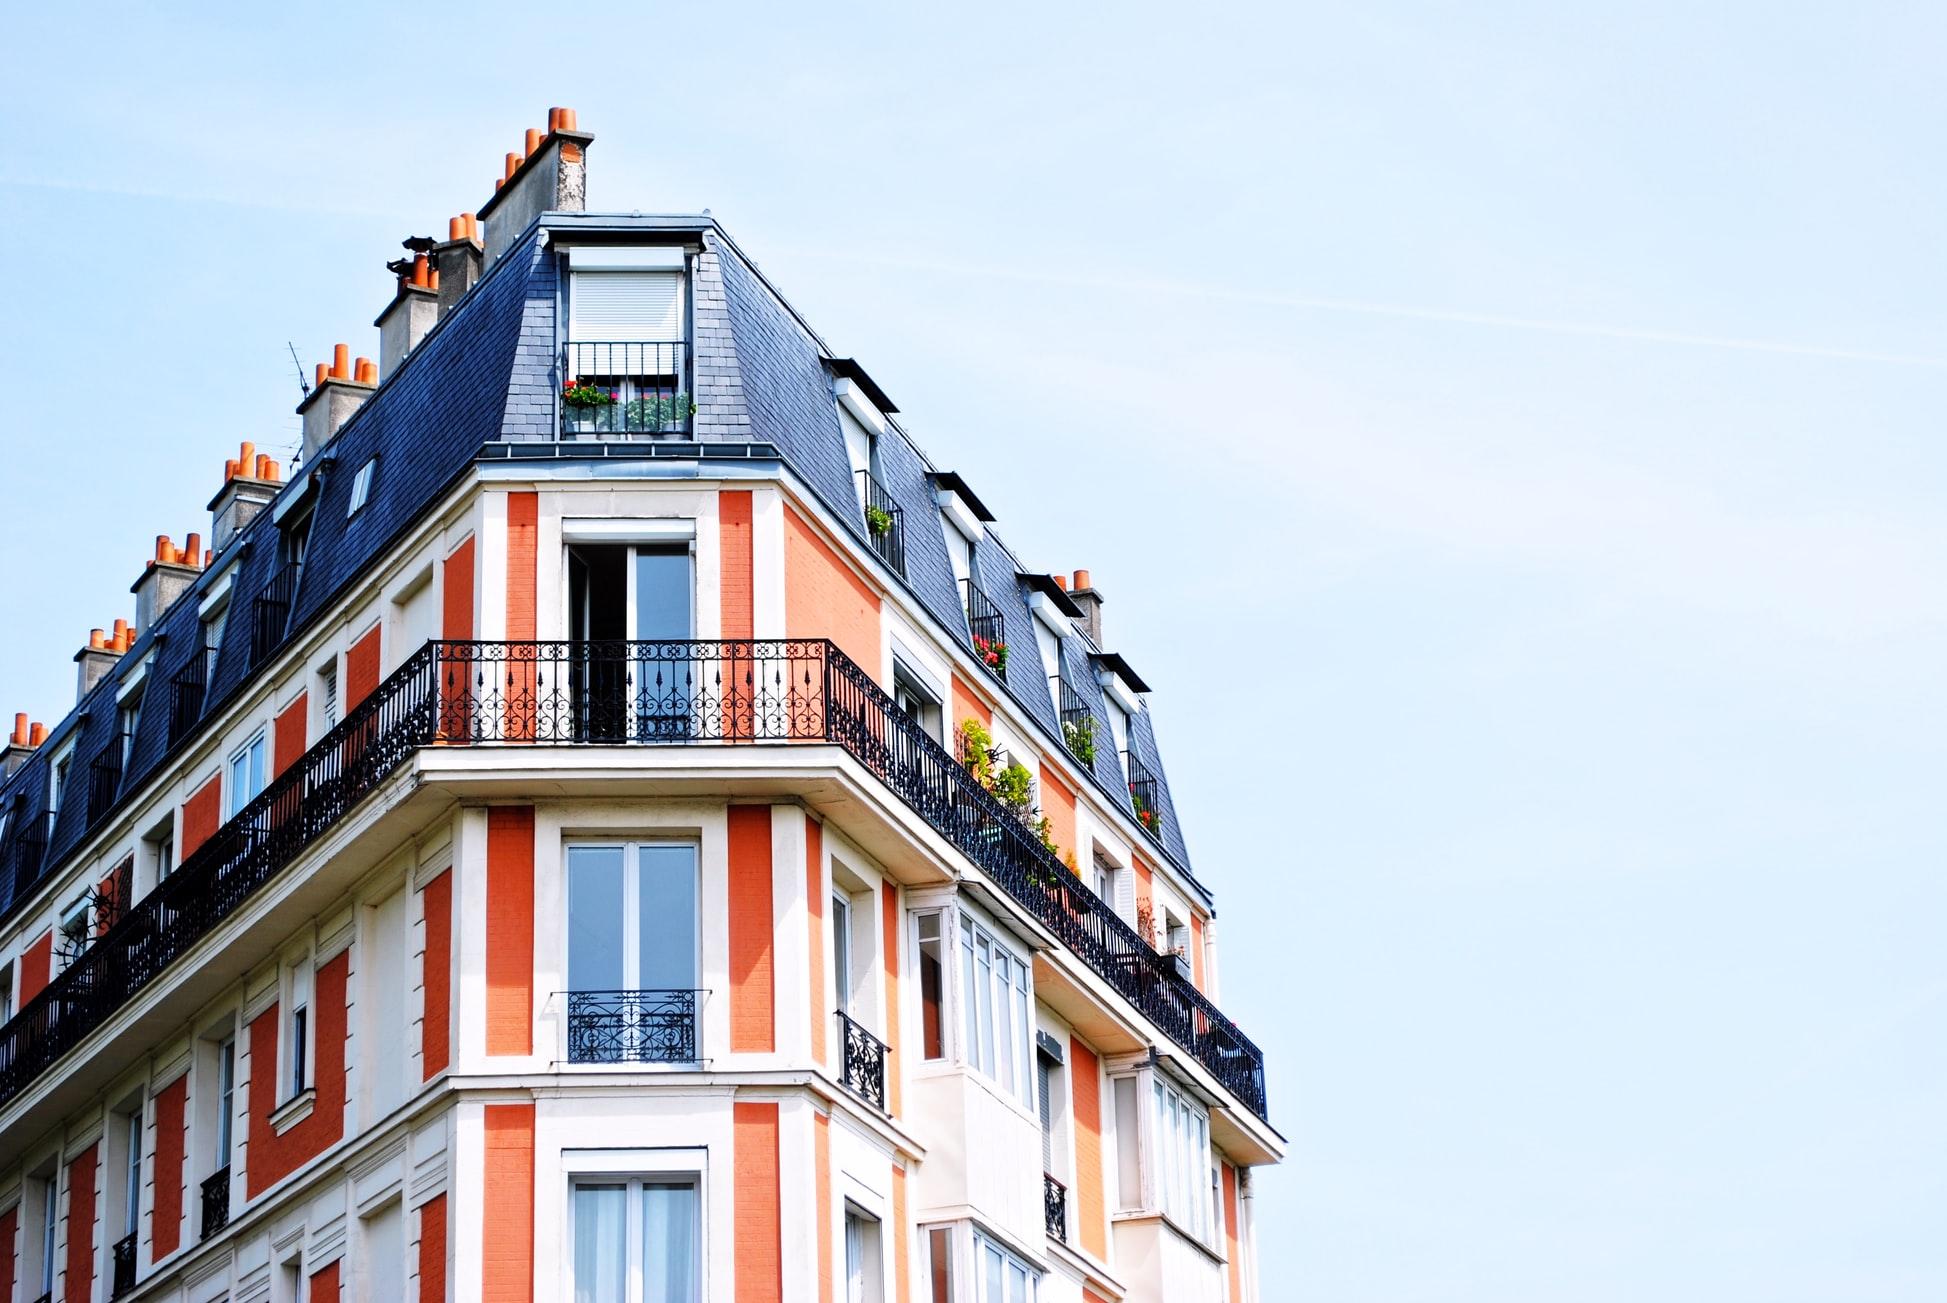 Réduction d'impôt Denormandie - comment investir dans l'ancien rénové avec les avantages du Scellier ?